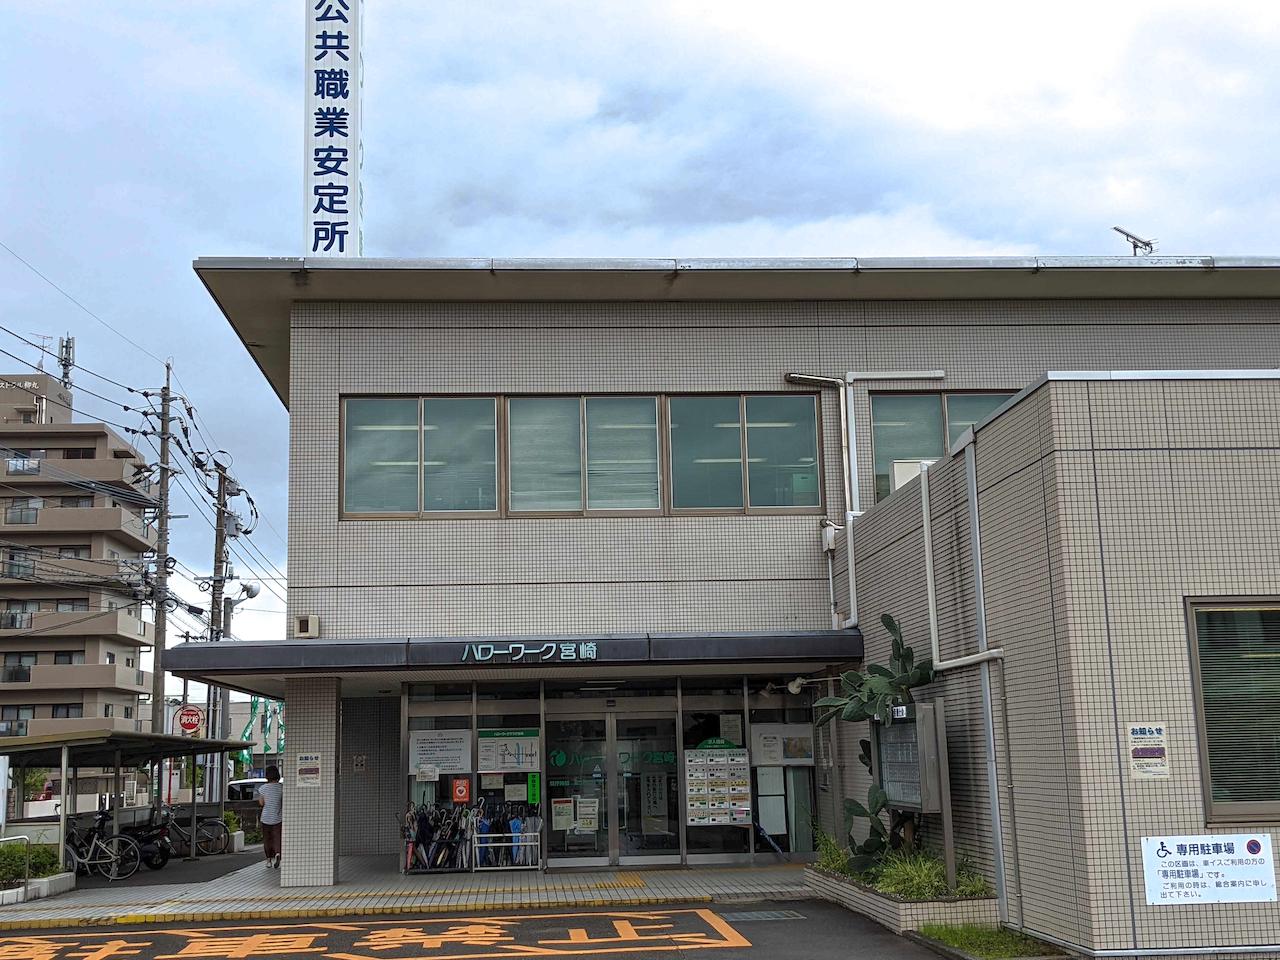 ハローワーク(宮崎労働局)